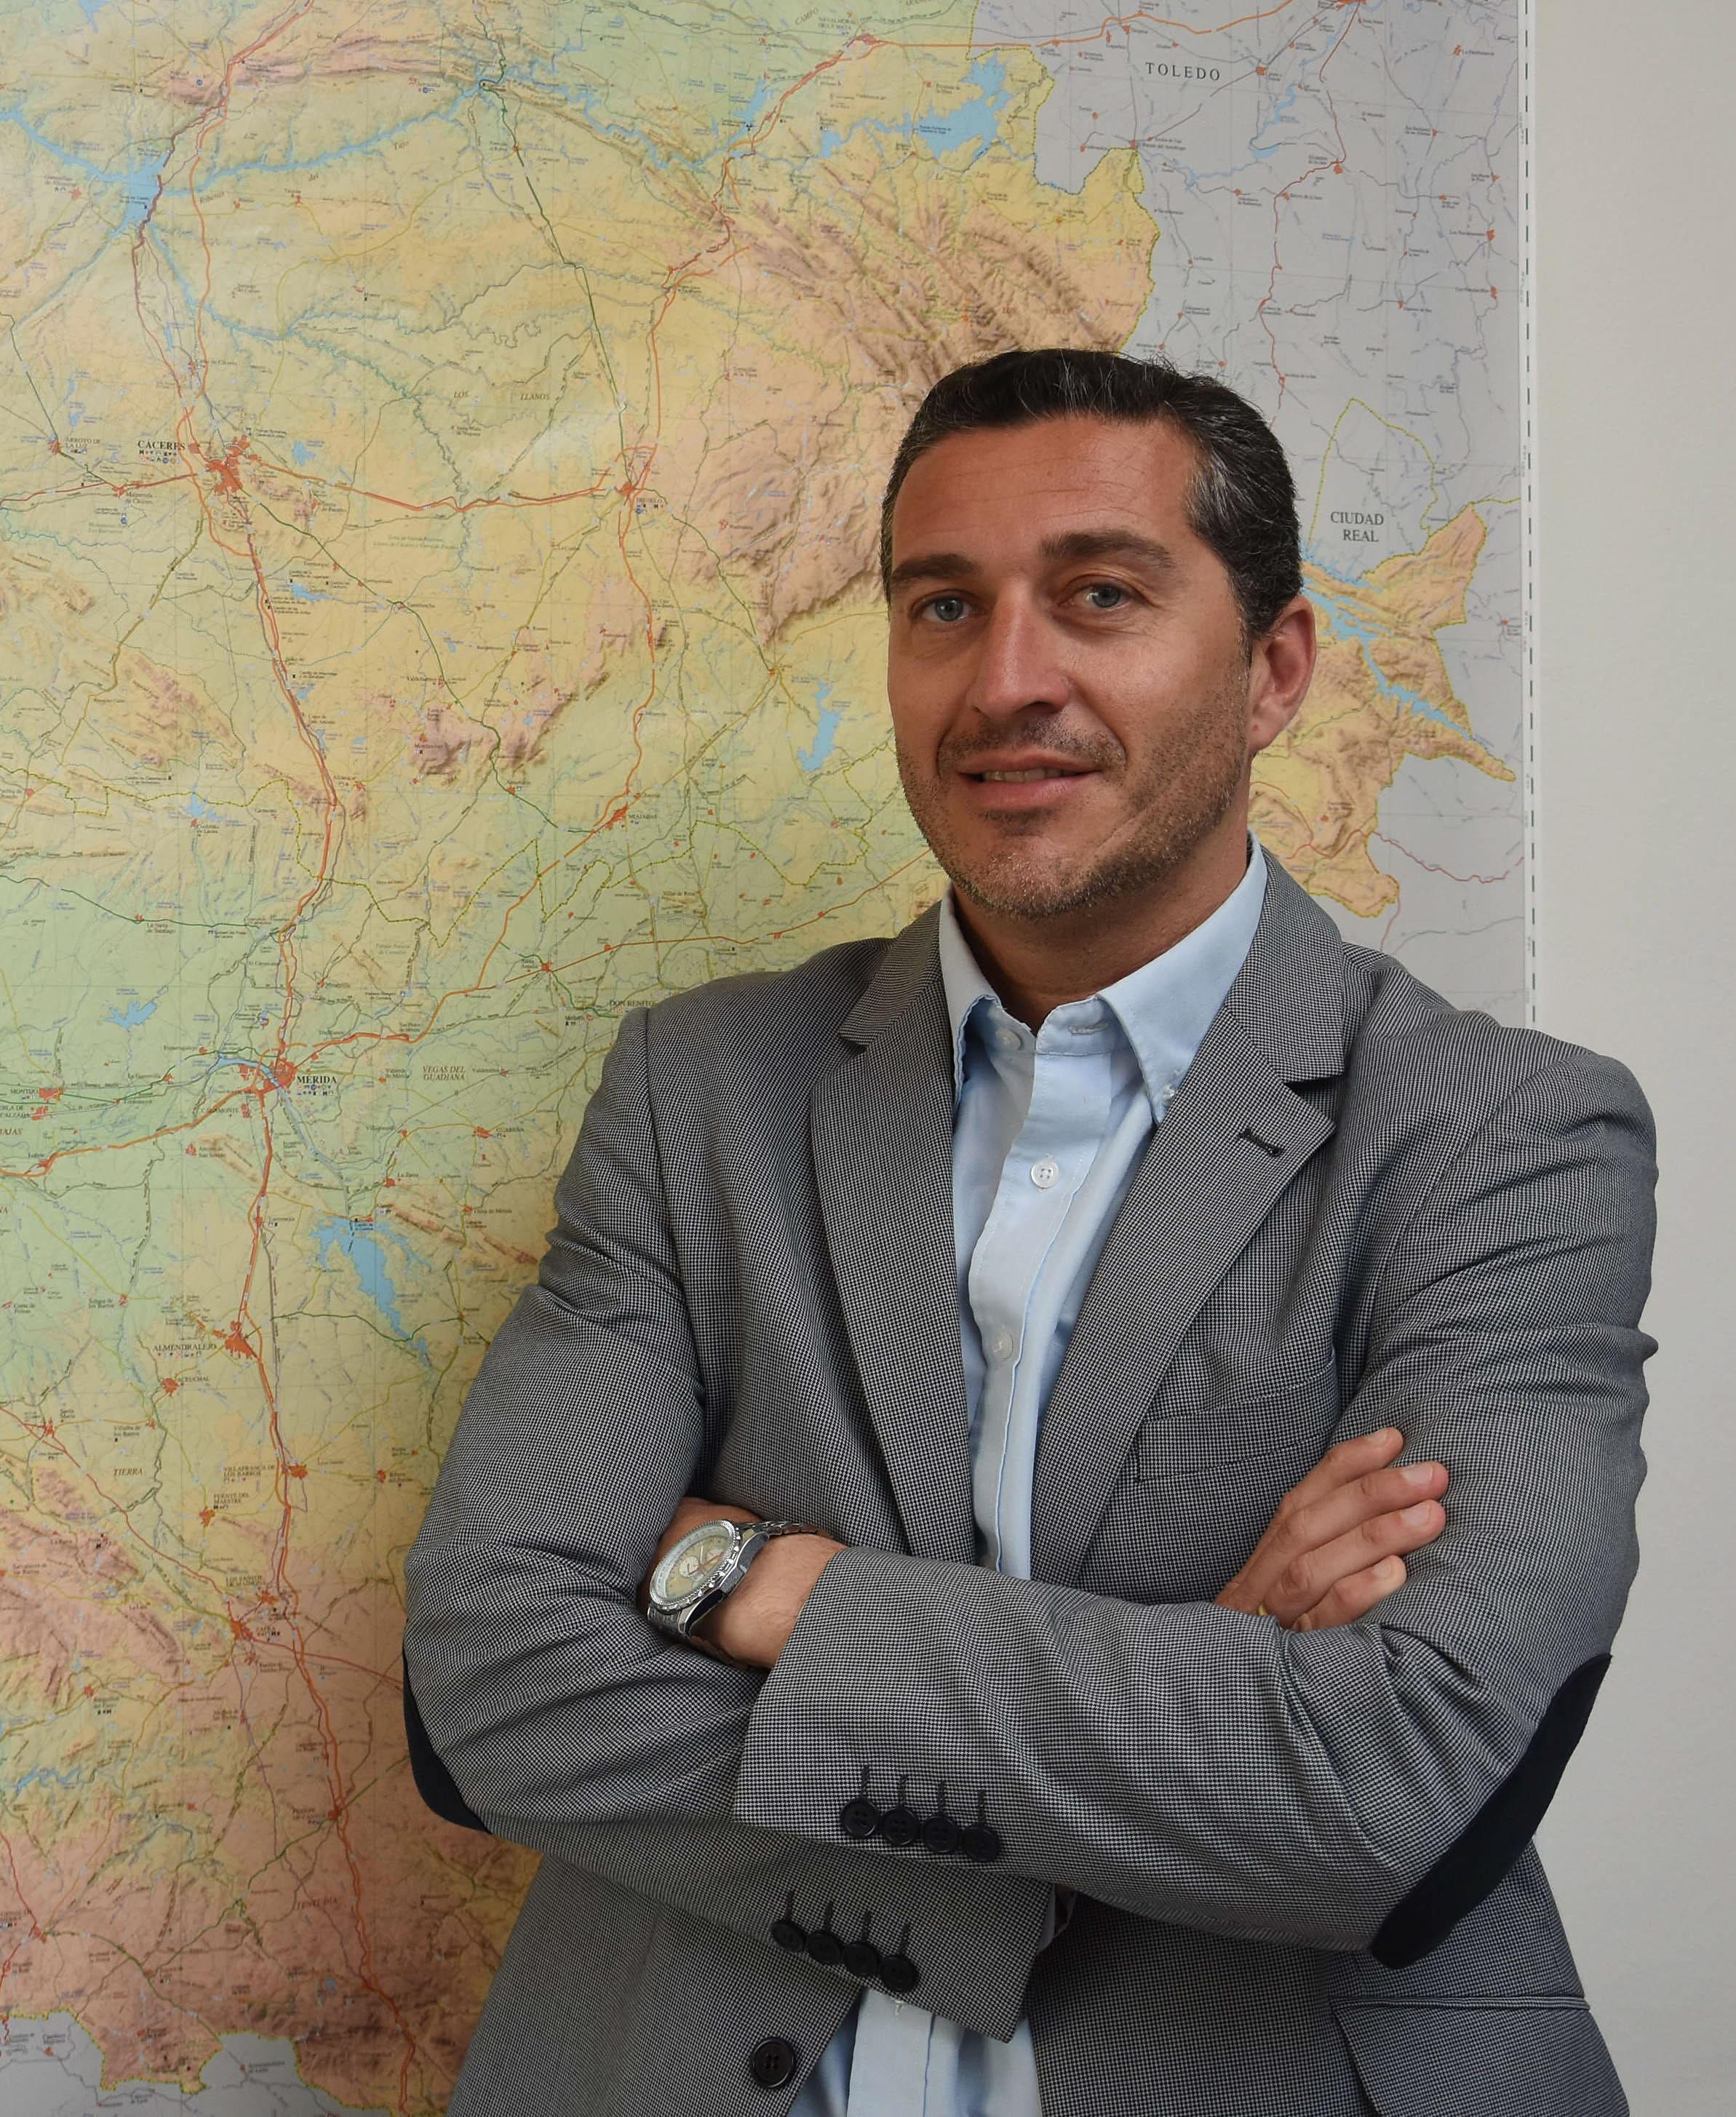 El PP exige a la Junta el cese del director de Agenex por incompatibilidad